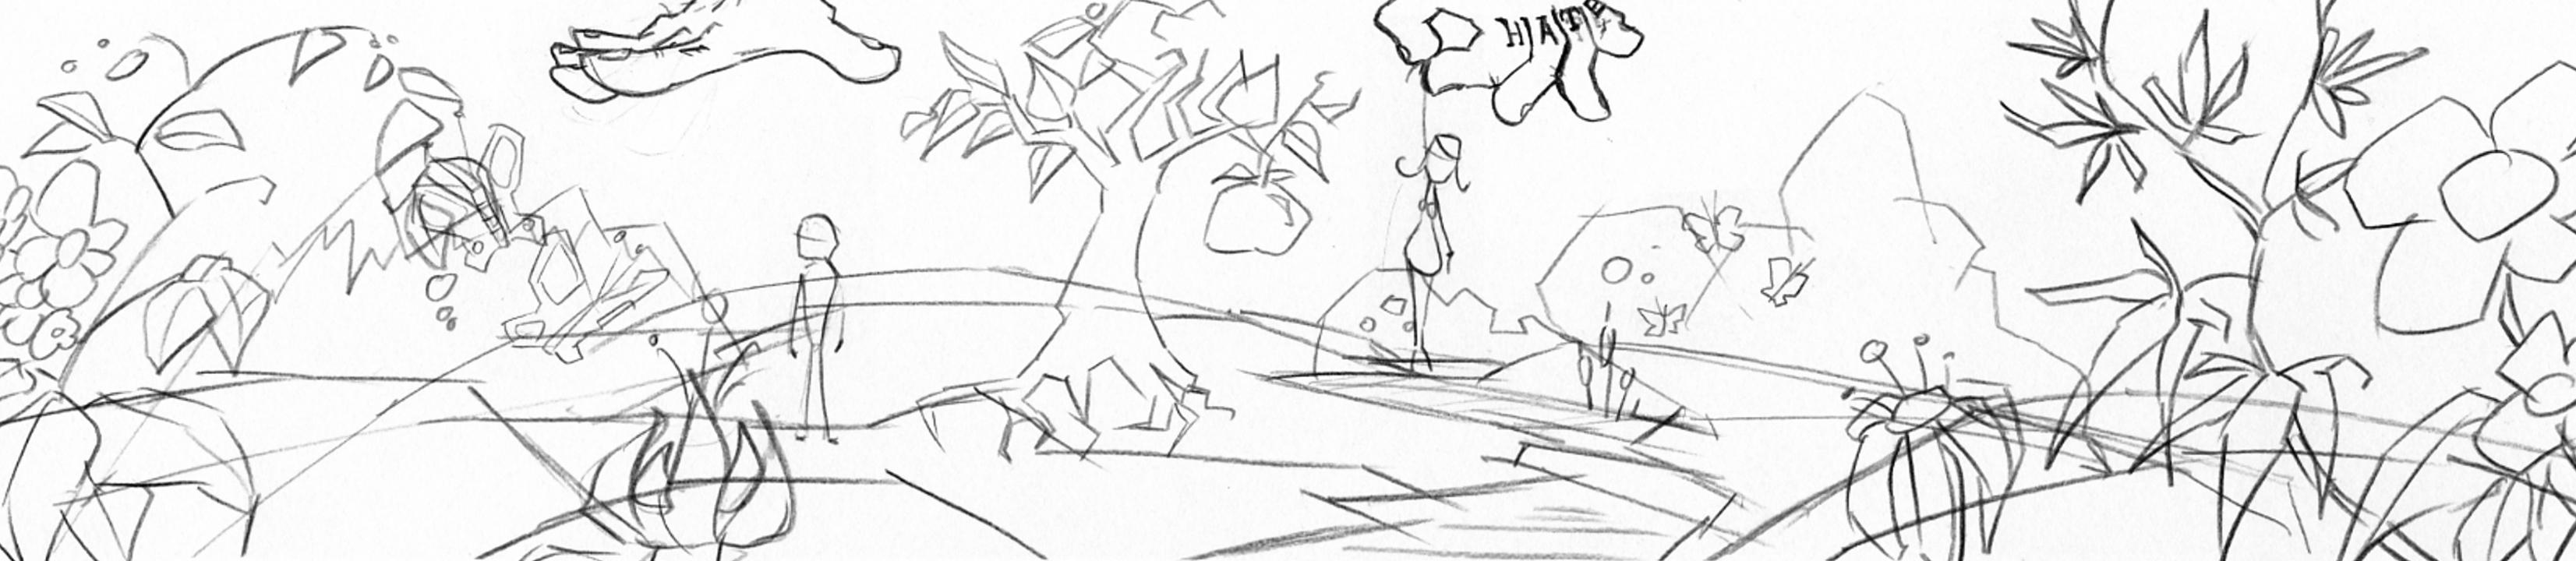 Entscheiden_Storyboard_01